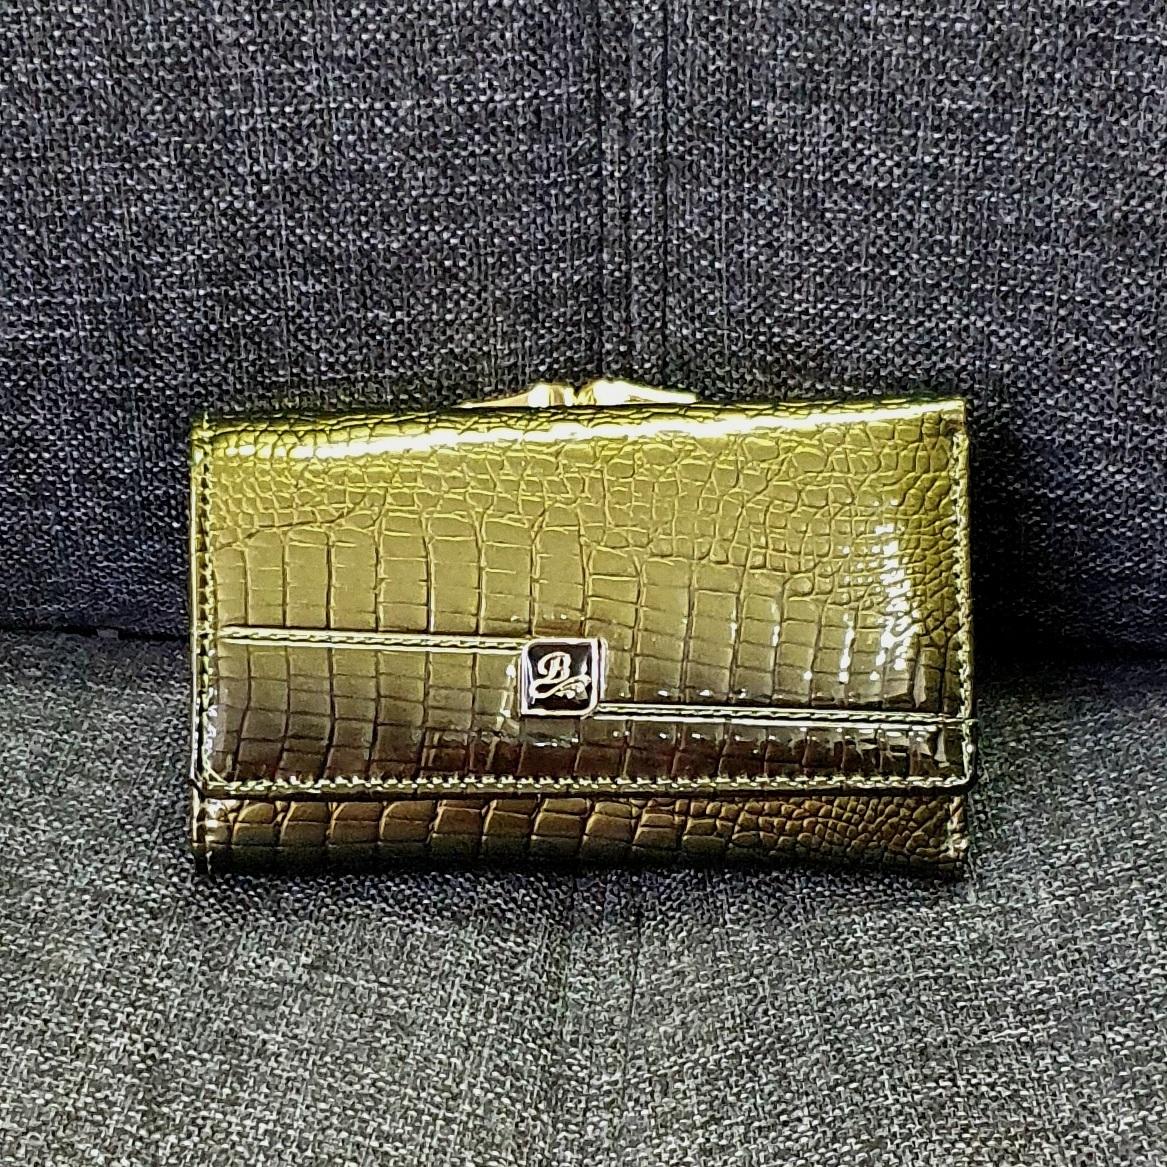 Лаковый кожаный кошелёк «Balisa» небольшого размера в классическом стиле купить. Цена 585 грн